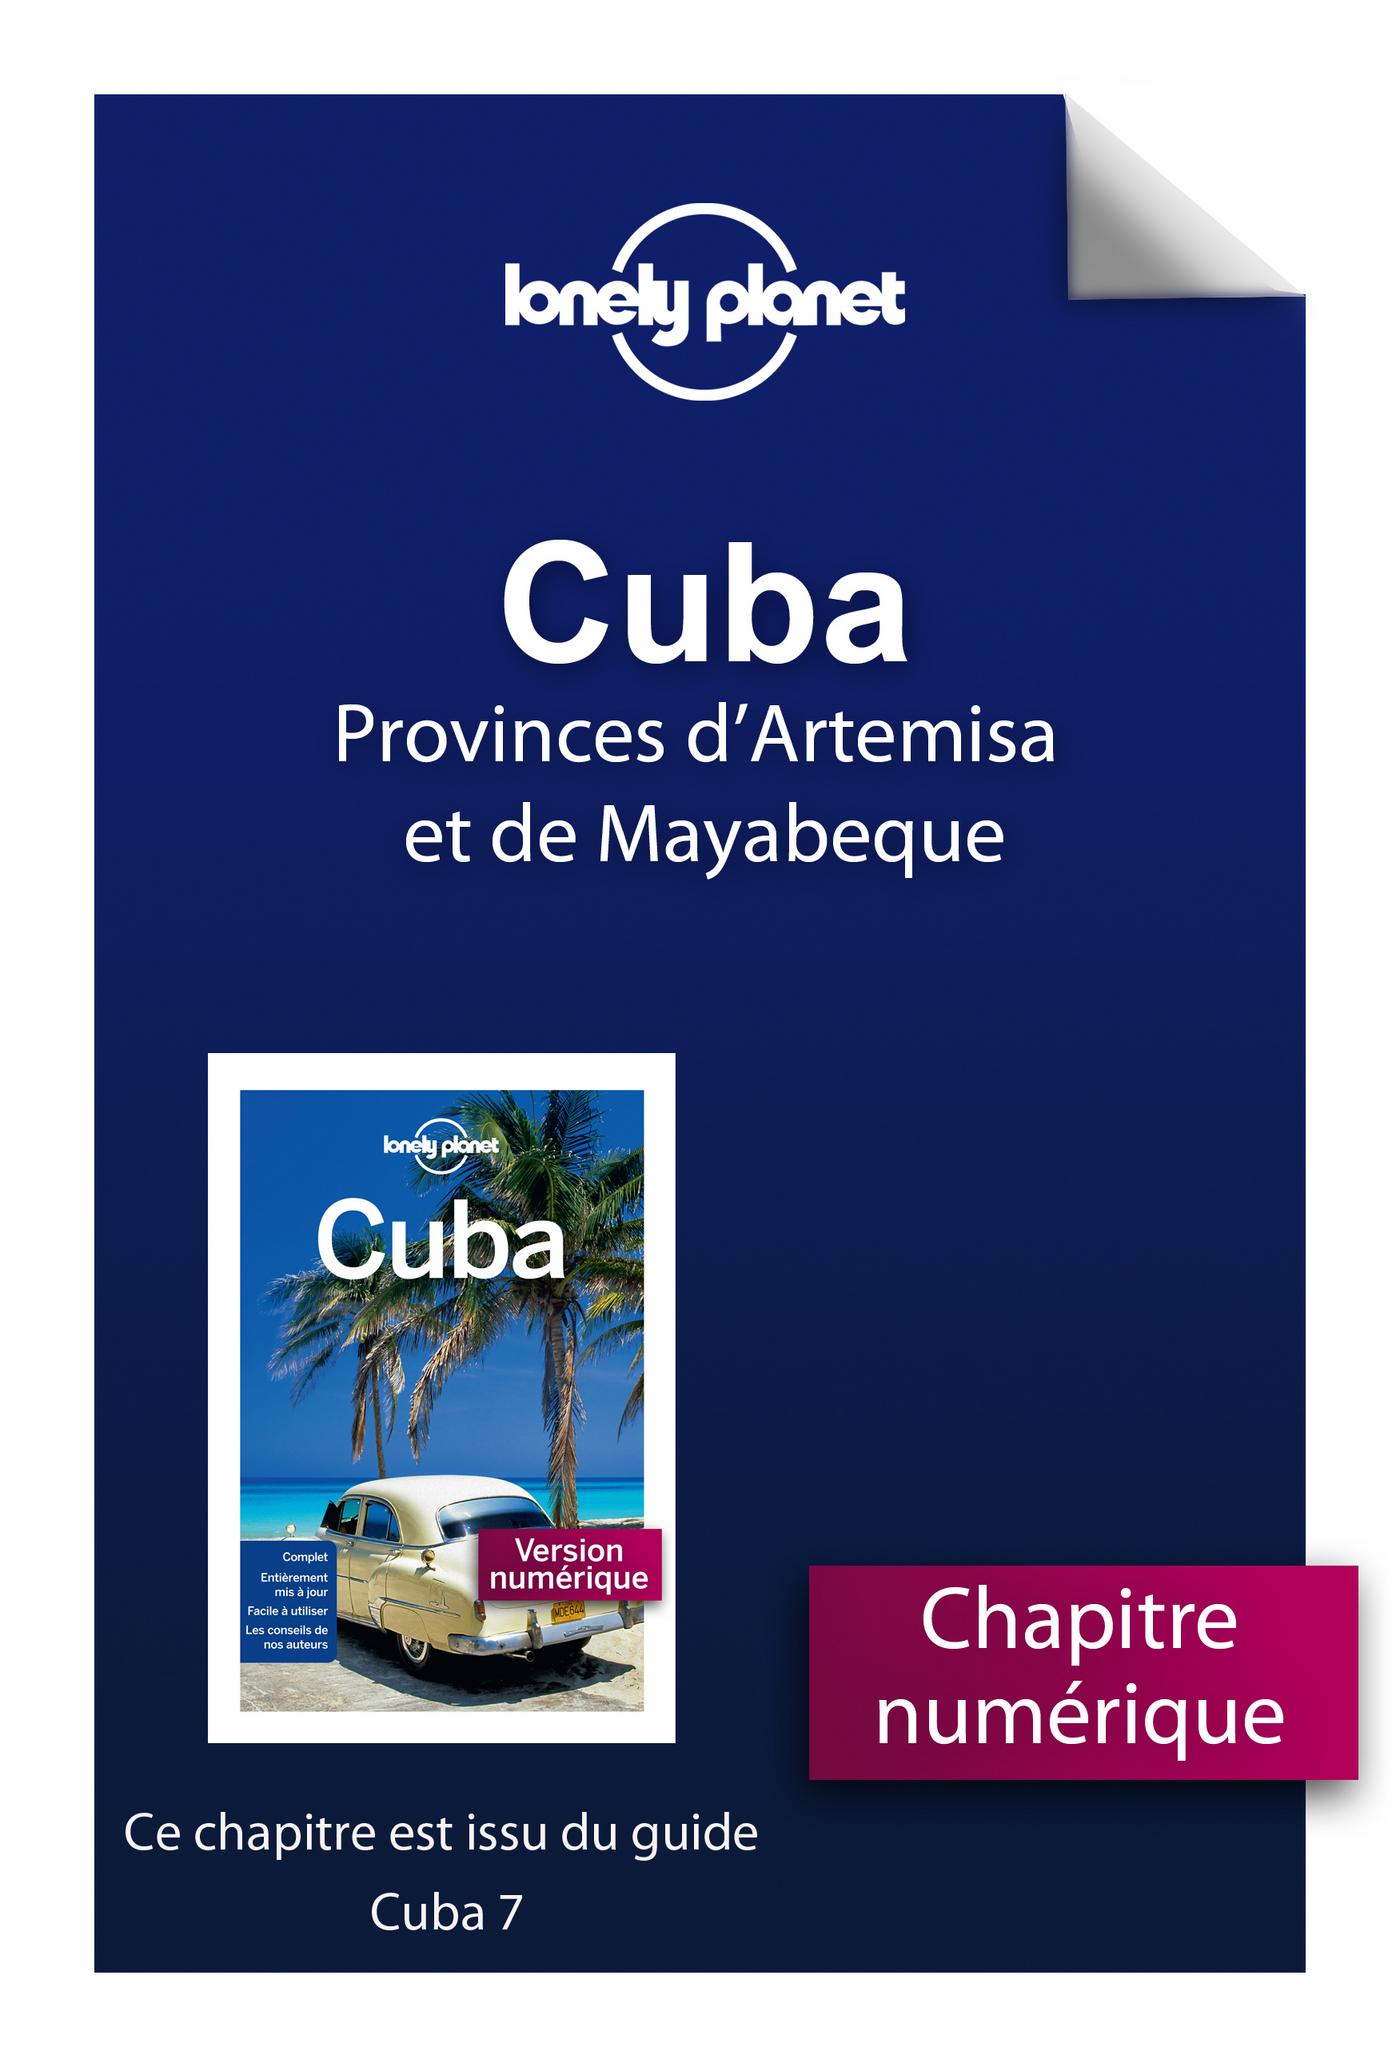 Cuba 7 - Provinces d'Artemisa et de Mayabeque